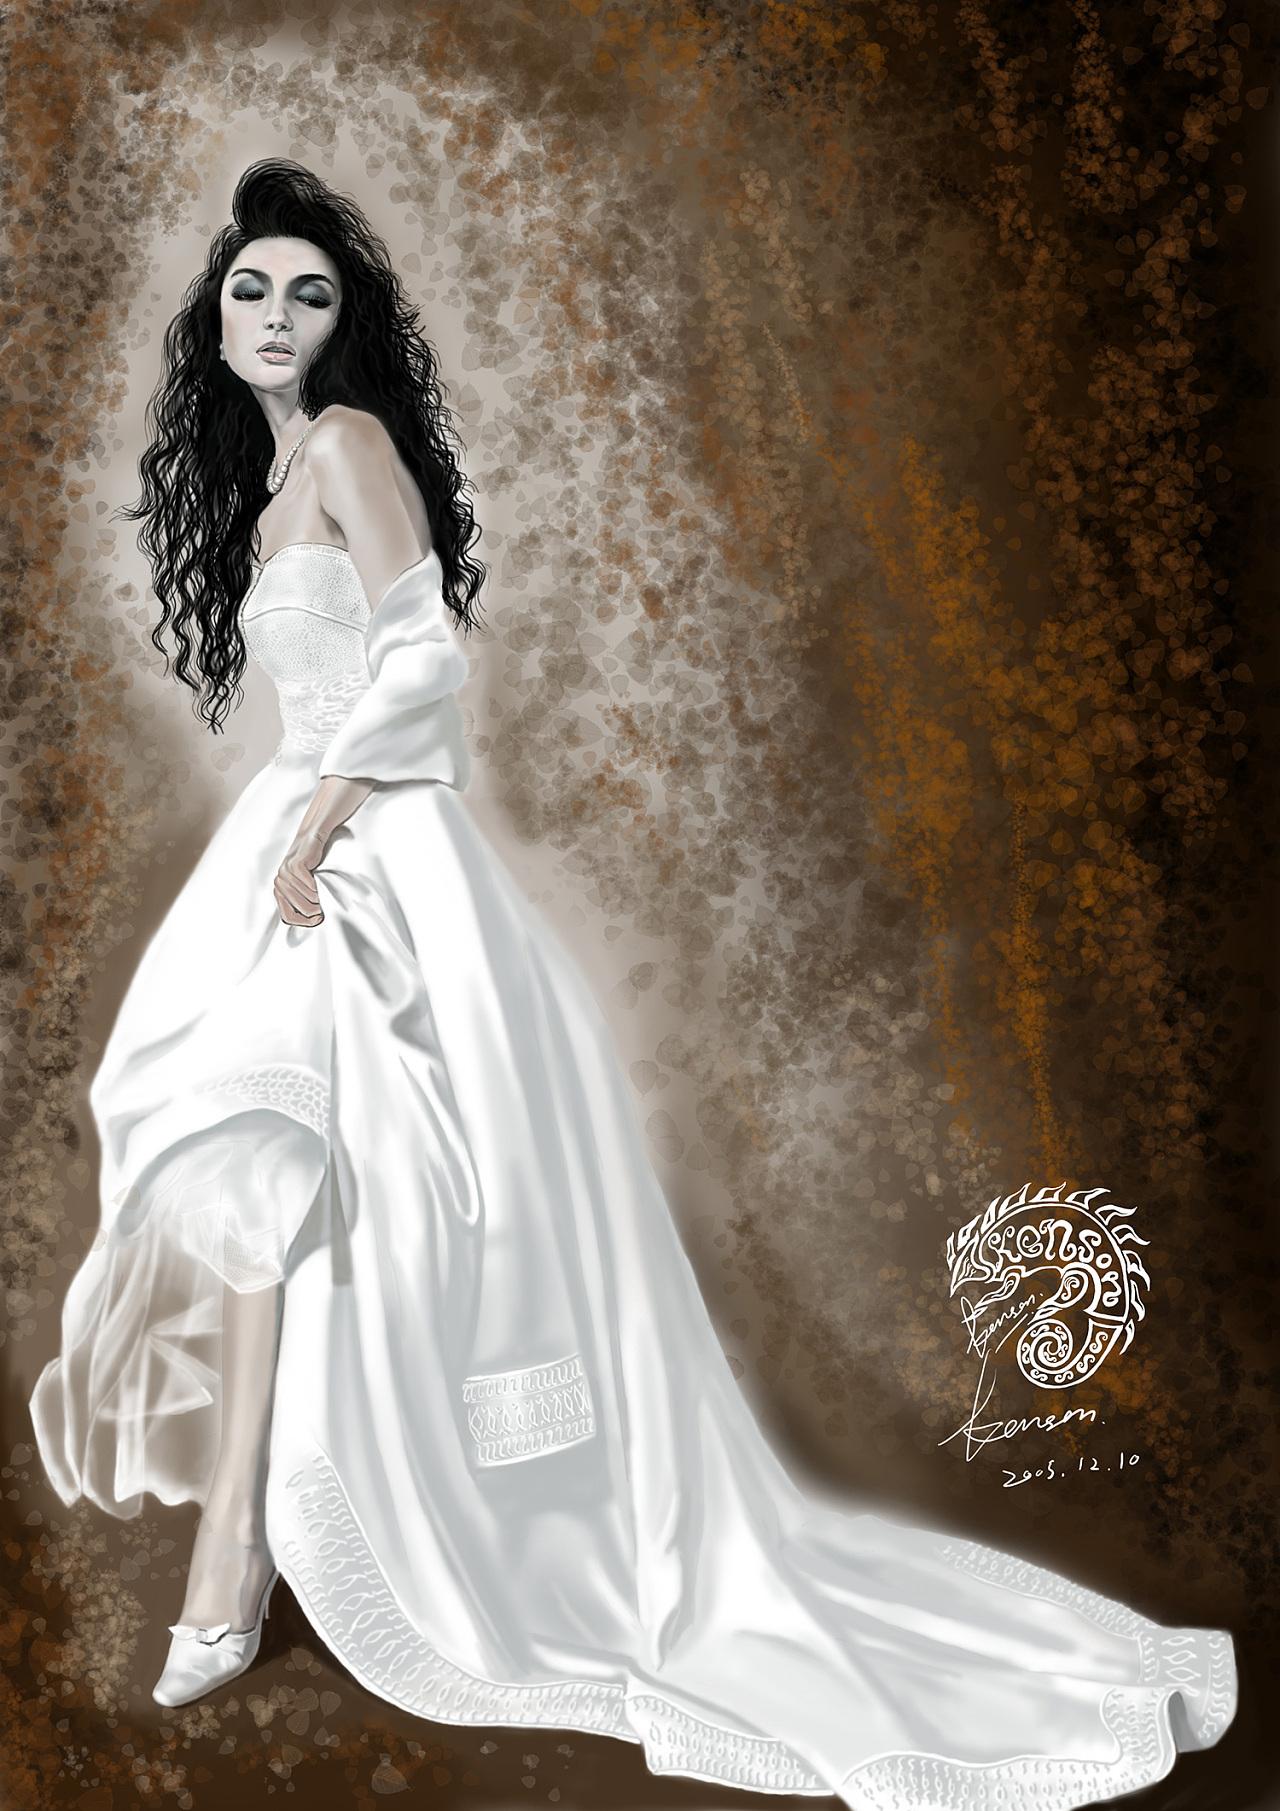 婚纱 婚纱照 1280_1811 竖版 竖屏